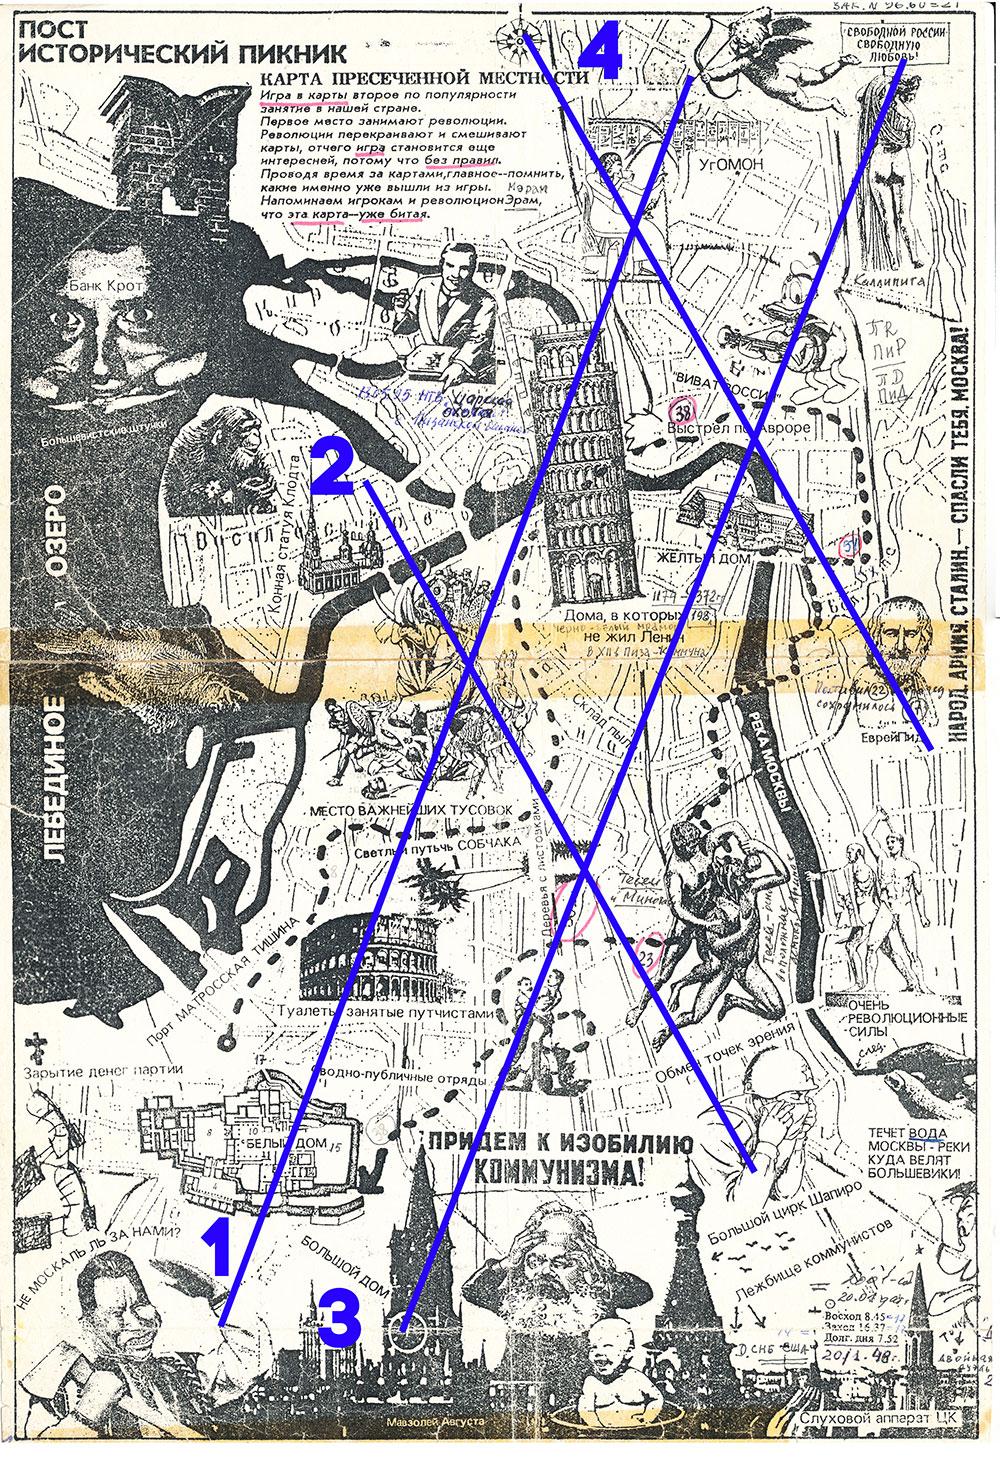 пост исторический пикник с главными и второстепенными диагоналями